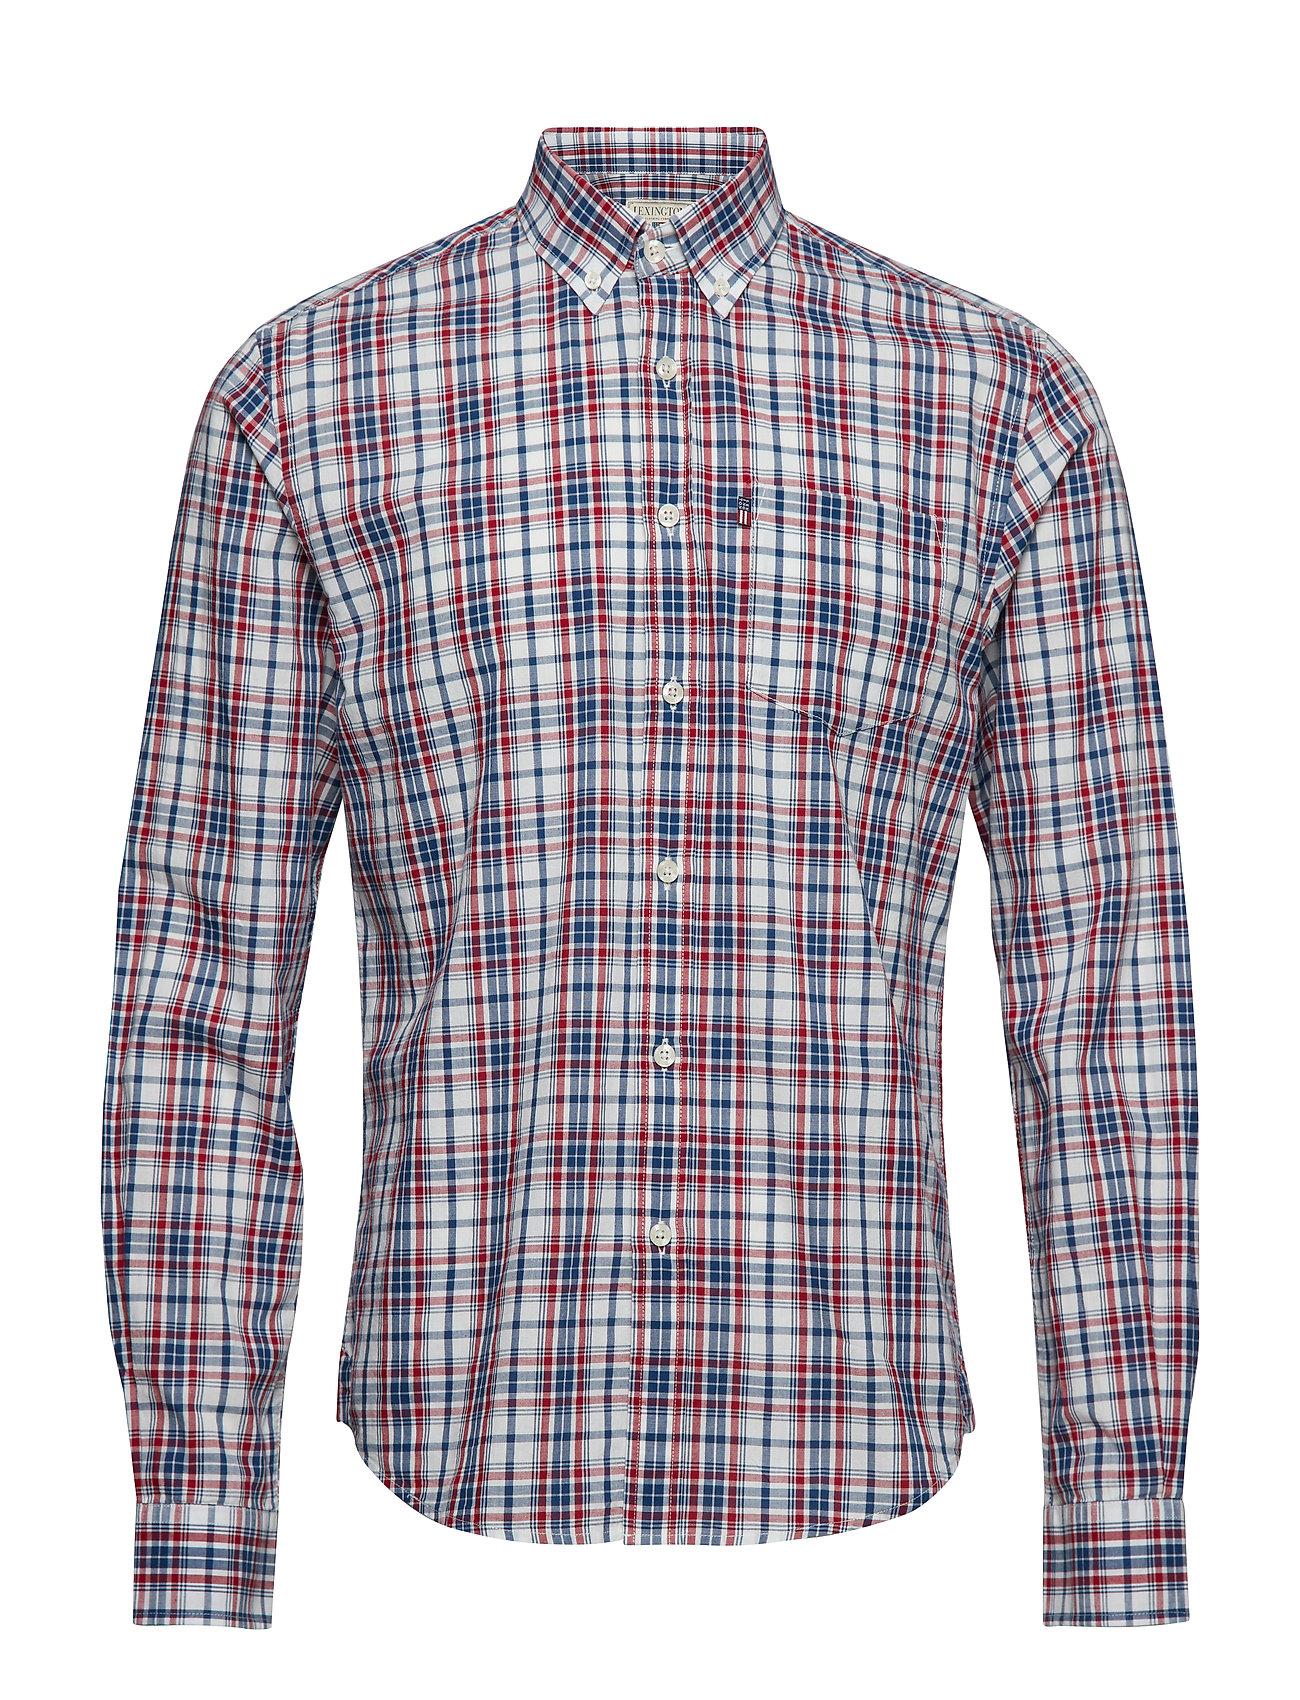 Image of Jones Checked Shirt (3158635235)